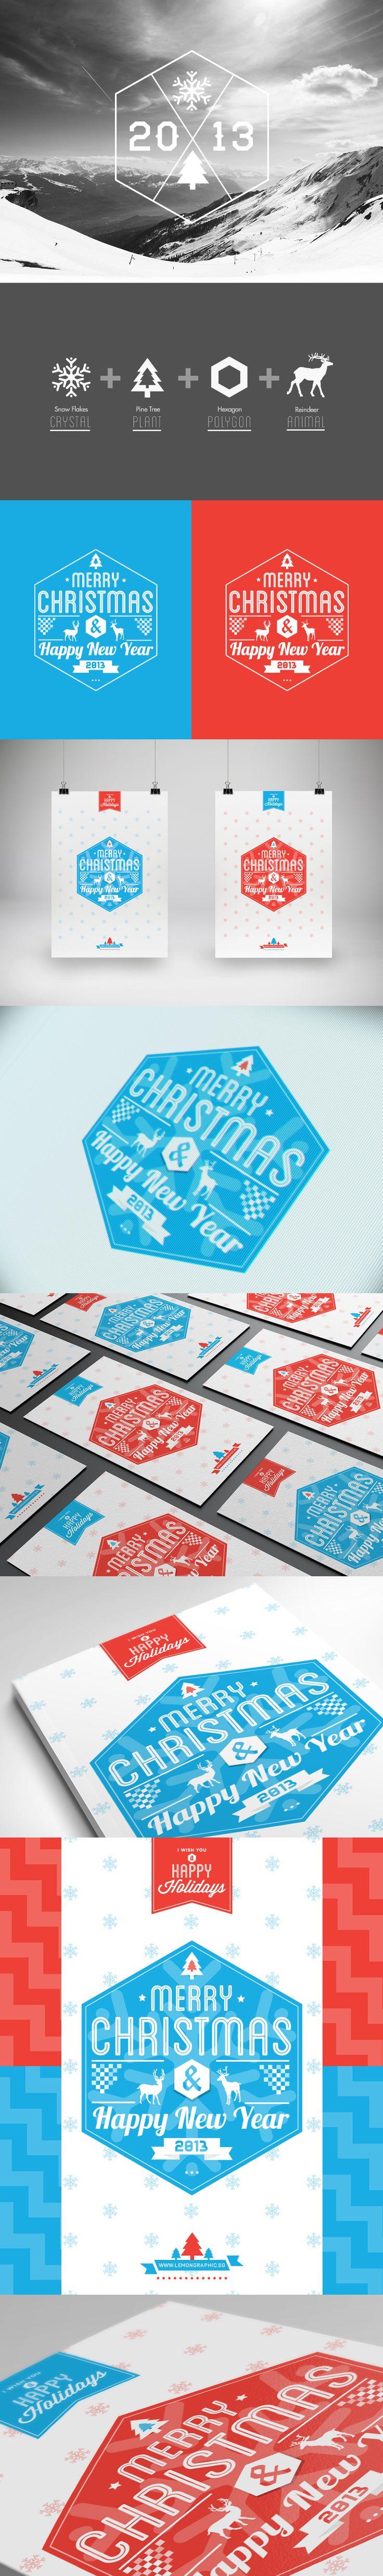 Tipografia inspirada no Mágico Natal-Des1gn ON - Blog de Design e Inspiração.